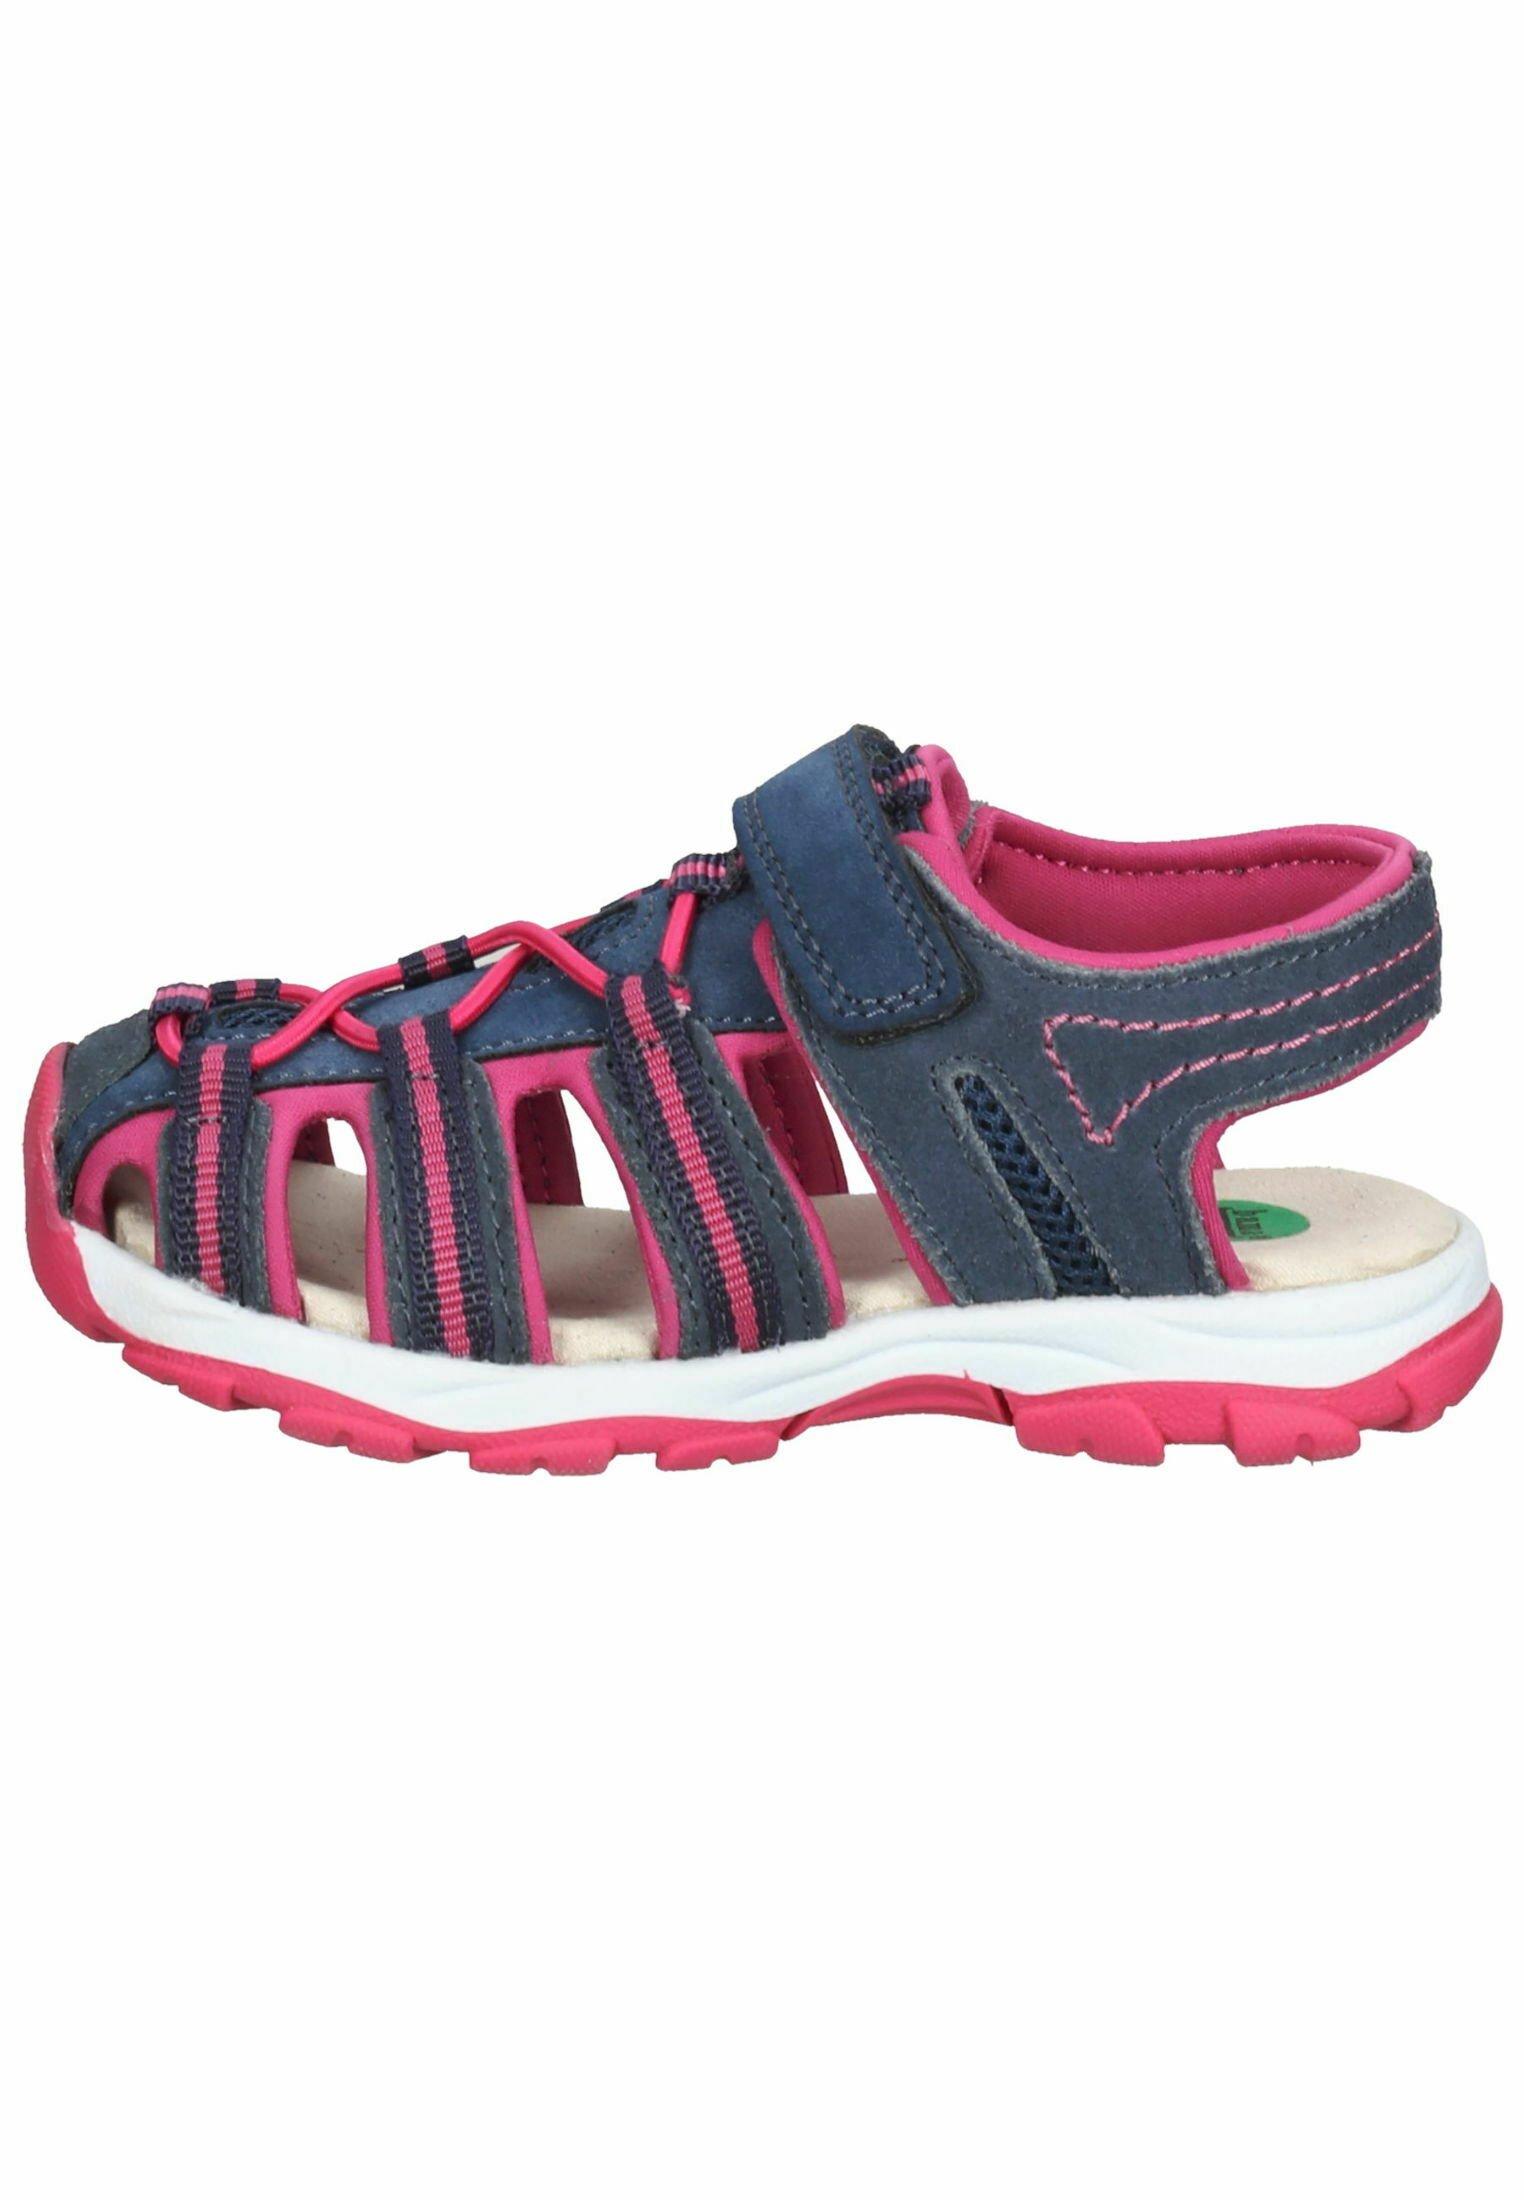 Enfant Sandales de randonnée - pink